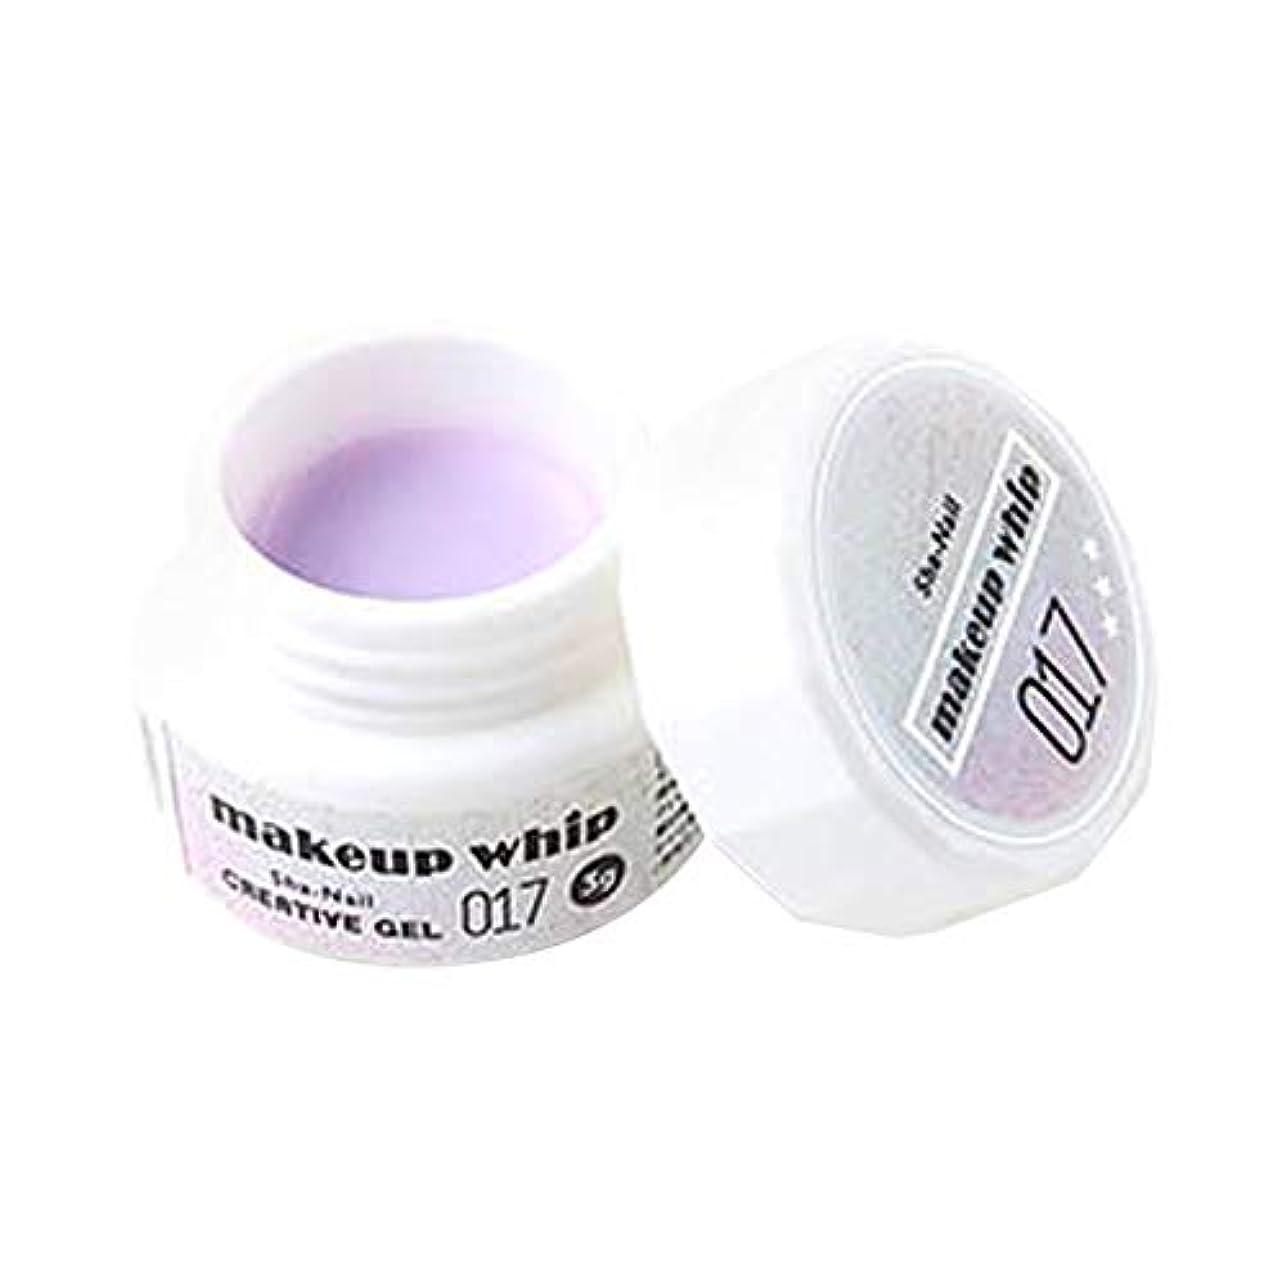 老朽化したスリチンモイ怪しいSha-Nail Creative Gel カラージェル 017 オーロラピンク 3g UV/LED対応